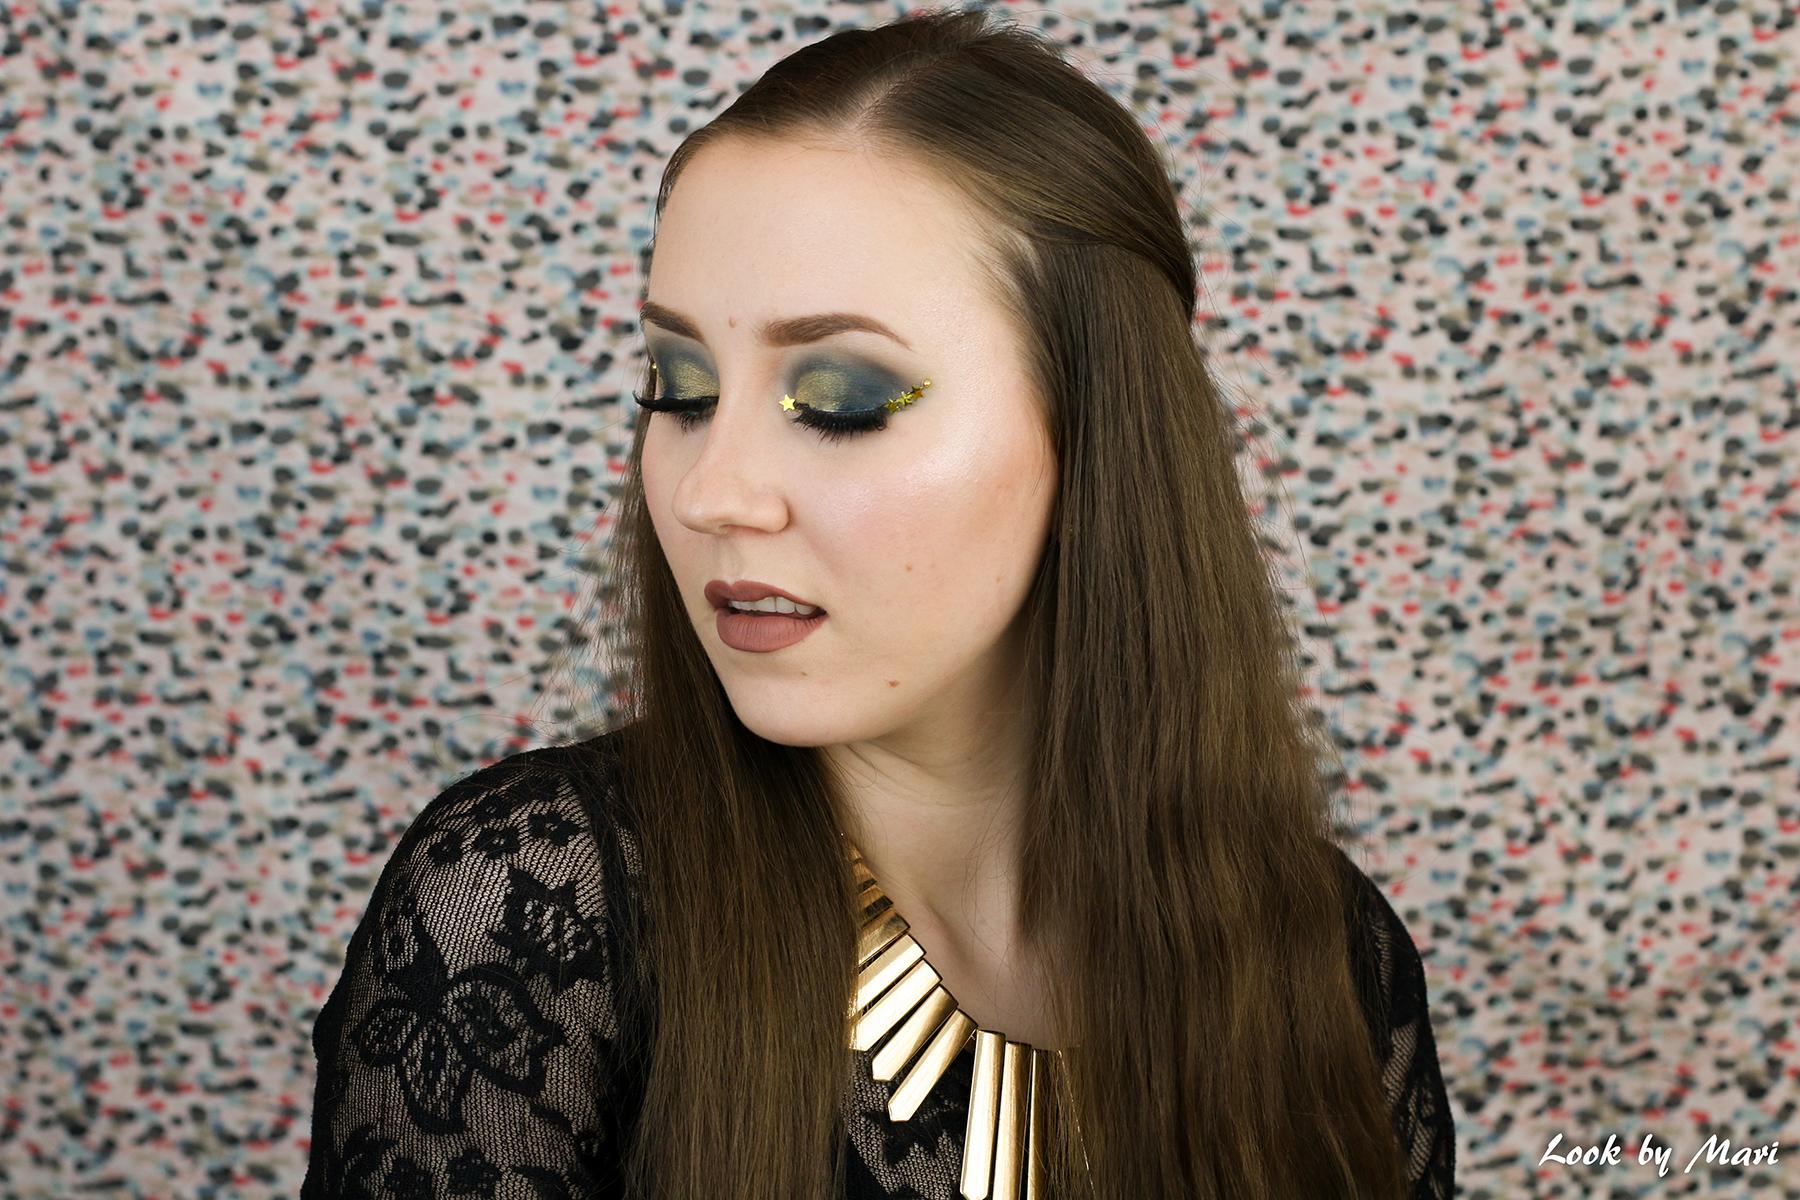 6 jeffree star cosmetics androgyny luomiväripaletti kokemuksia tutoriaali inspiraatio